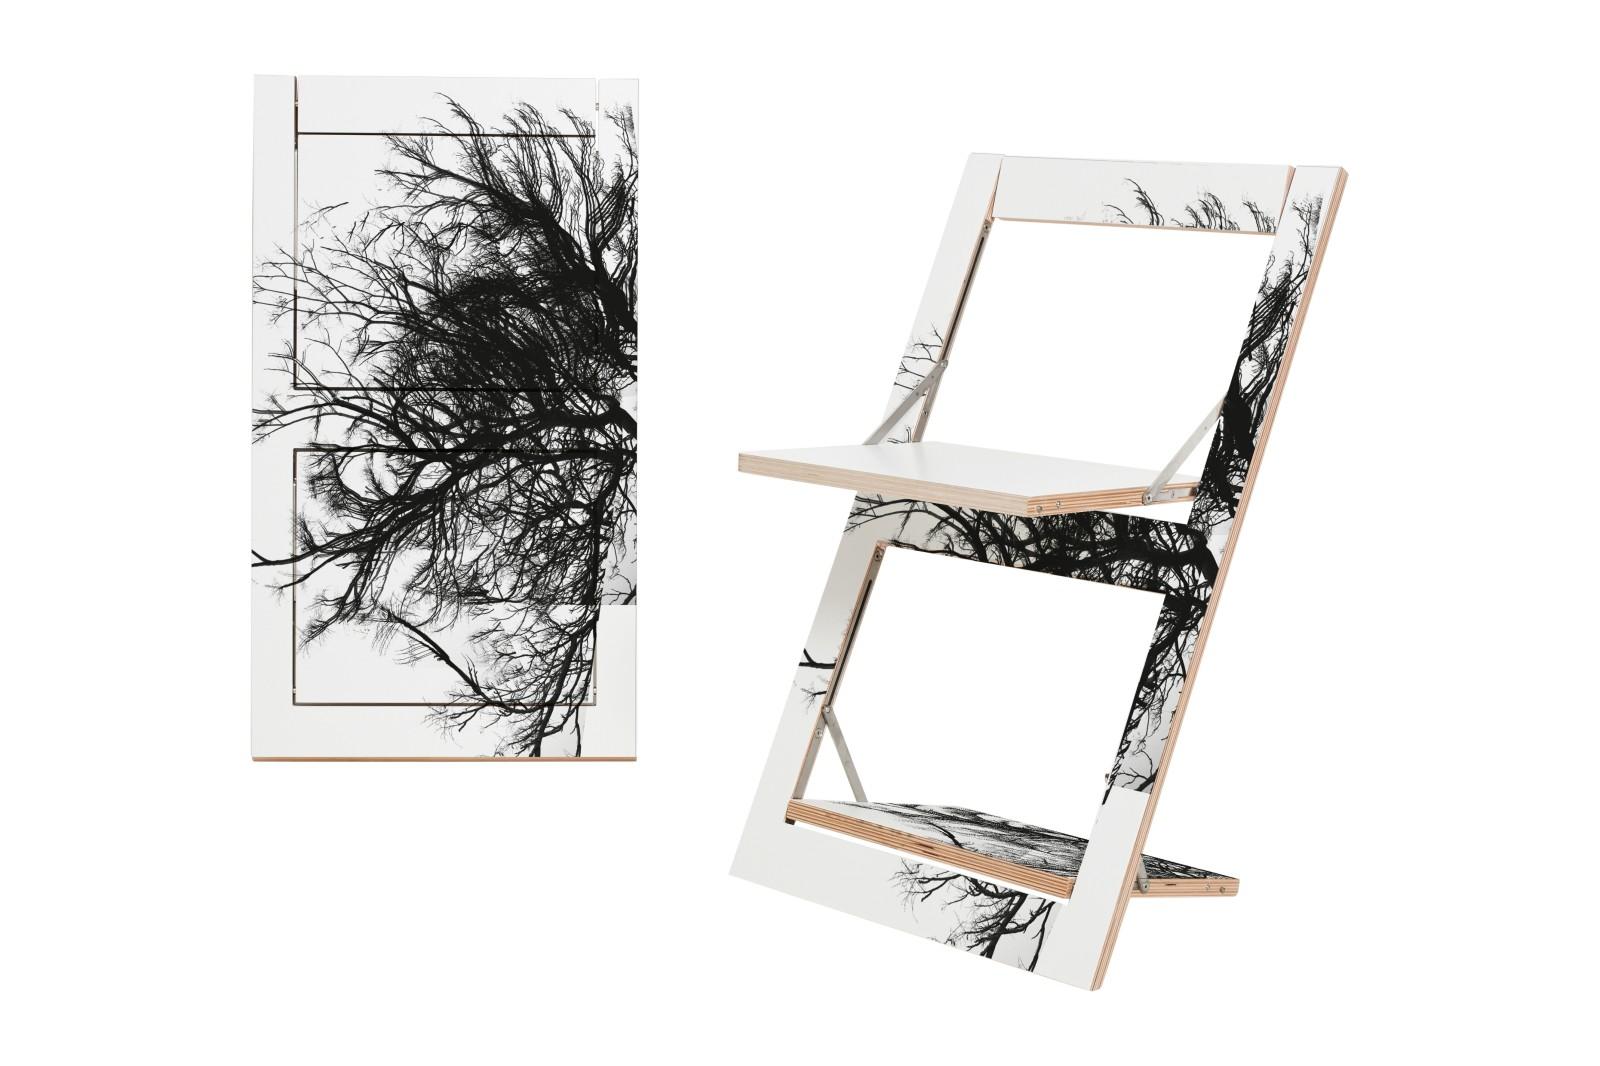 Fläpps Folding Chair Baum